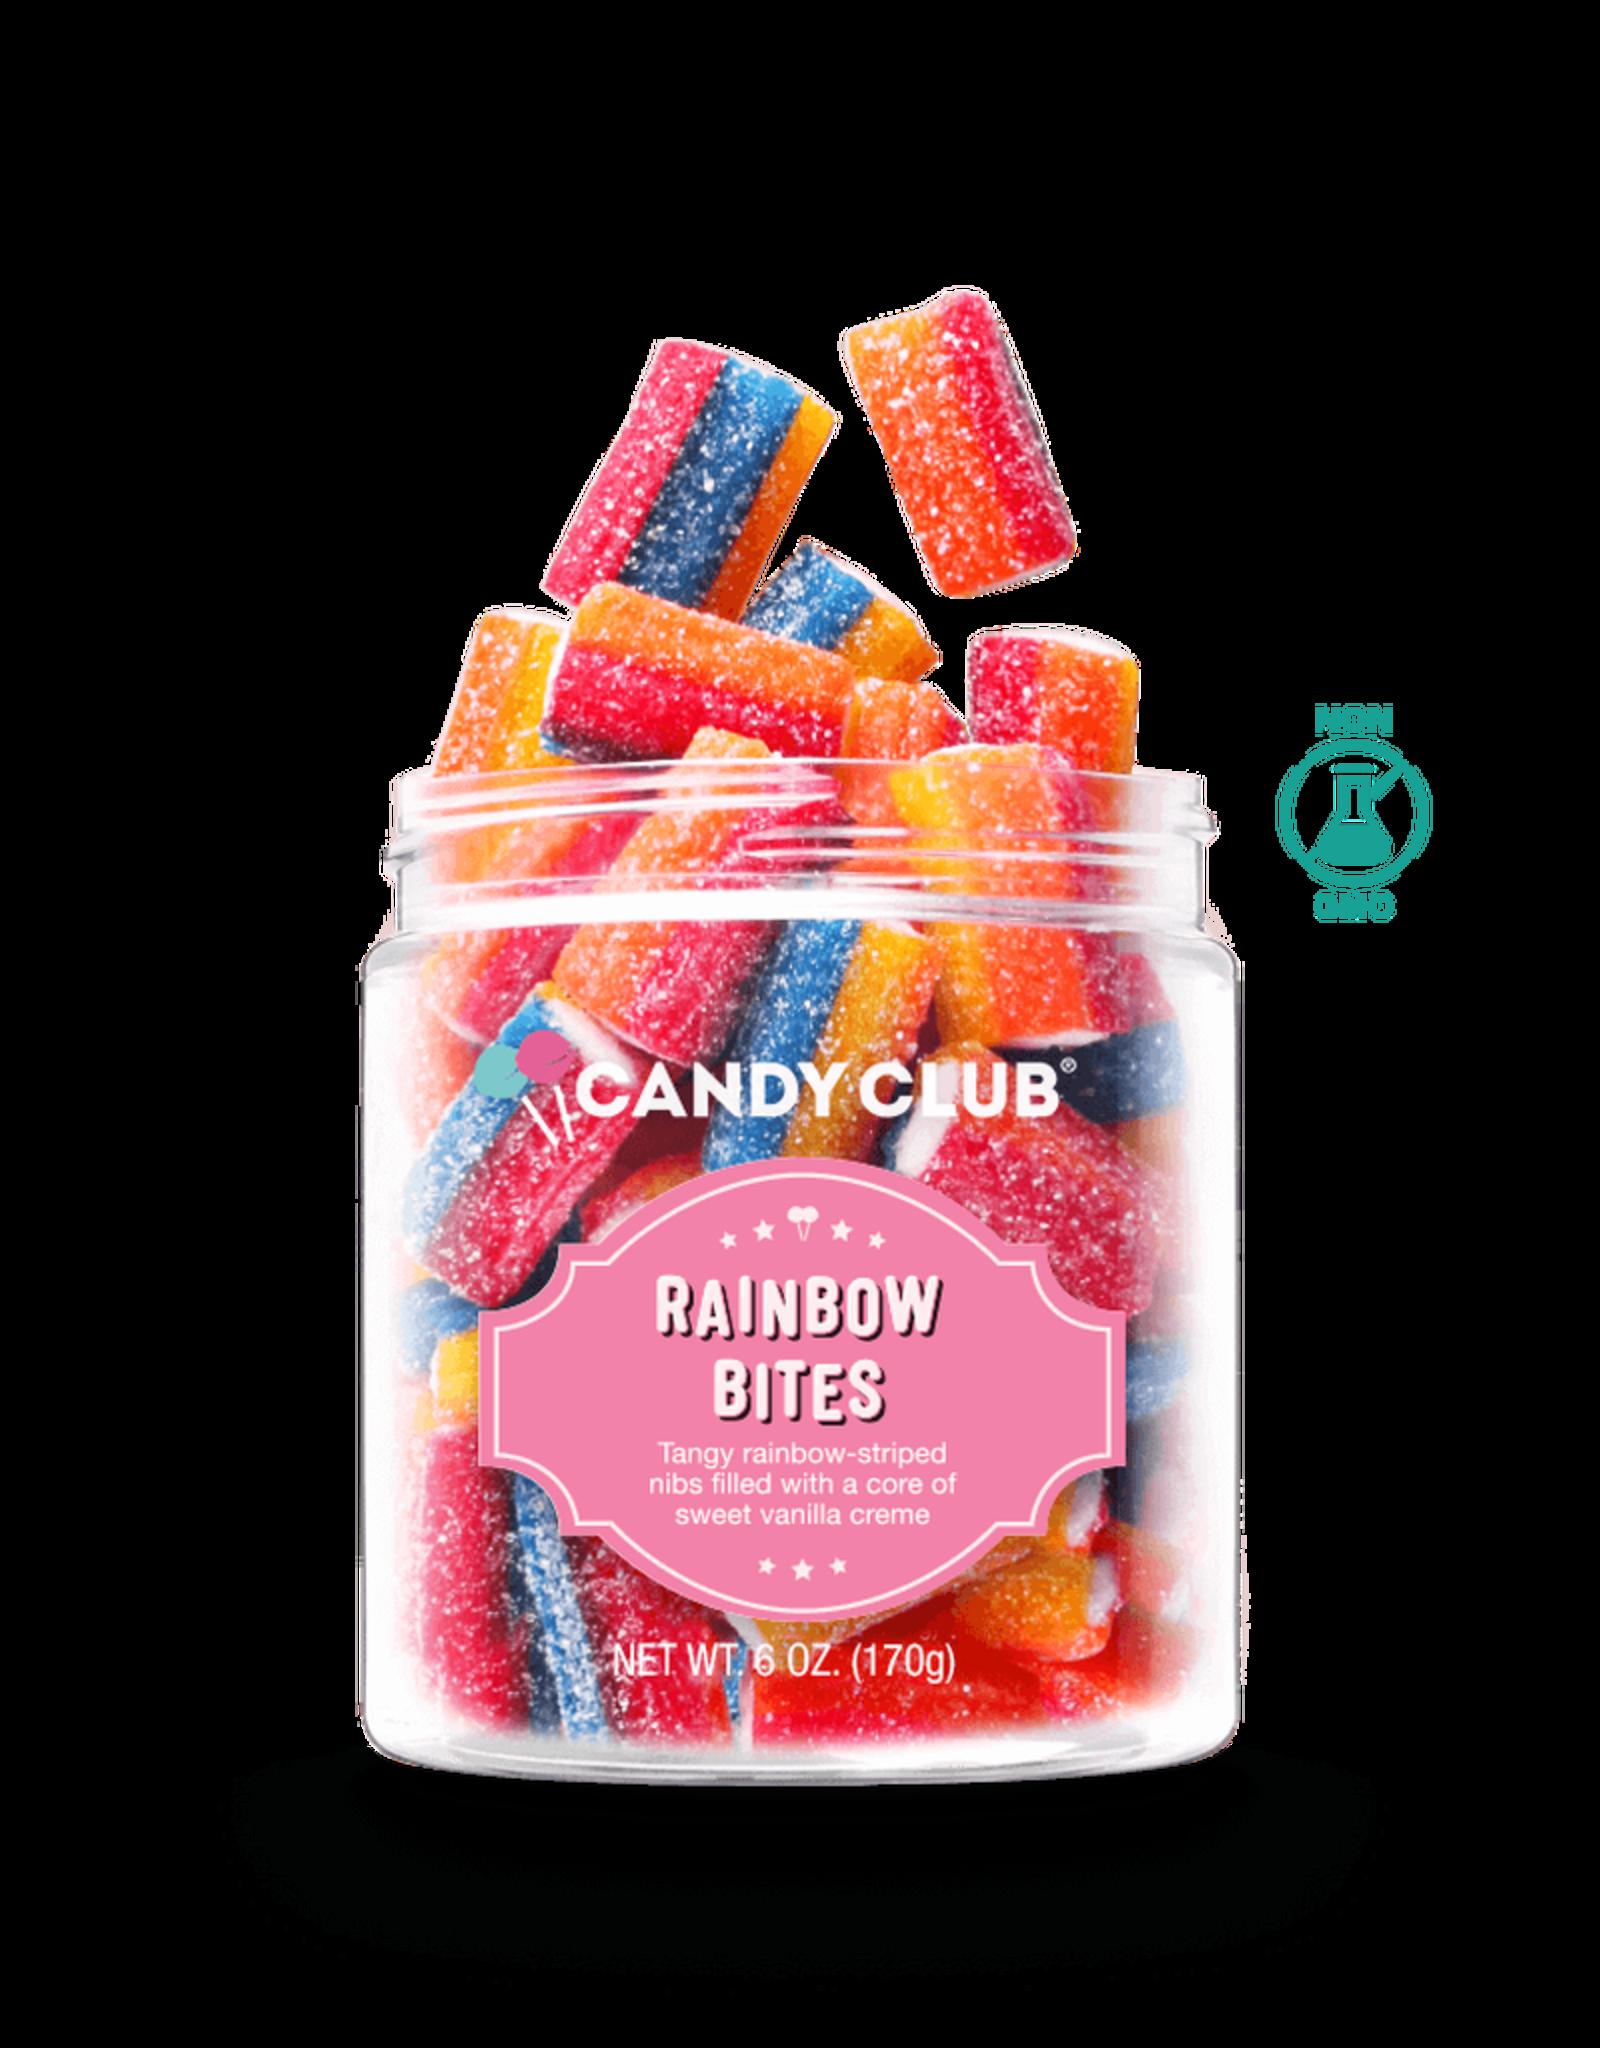 Candy Club Candy Club Rainbow Bites